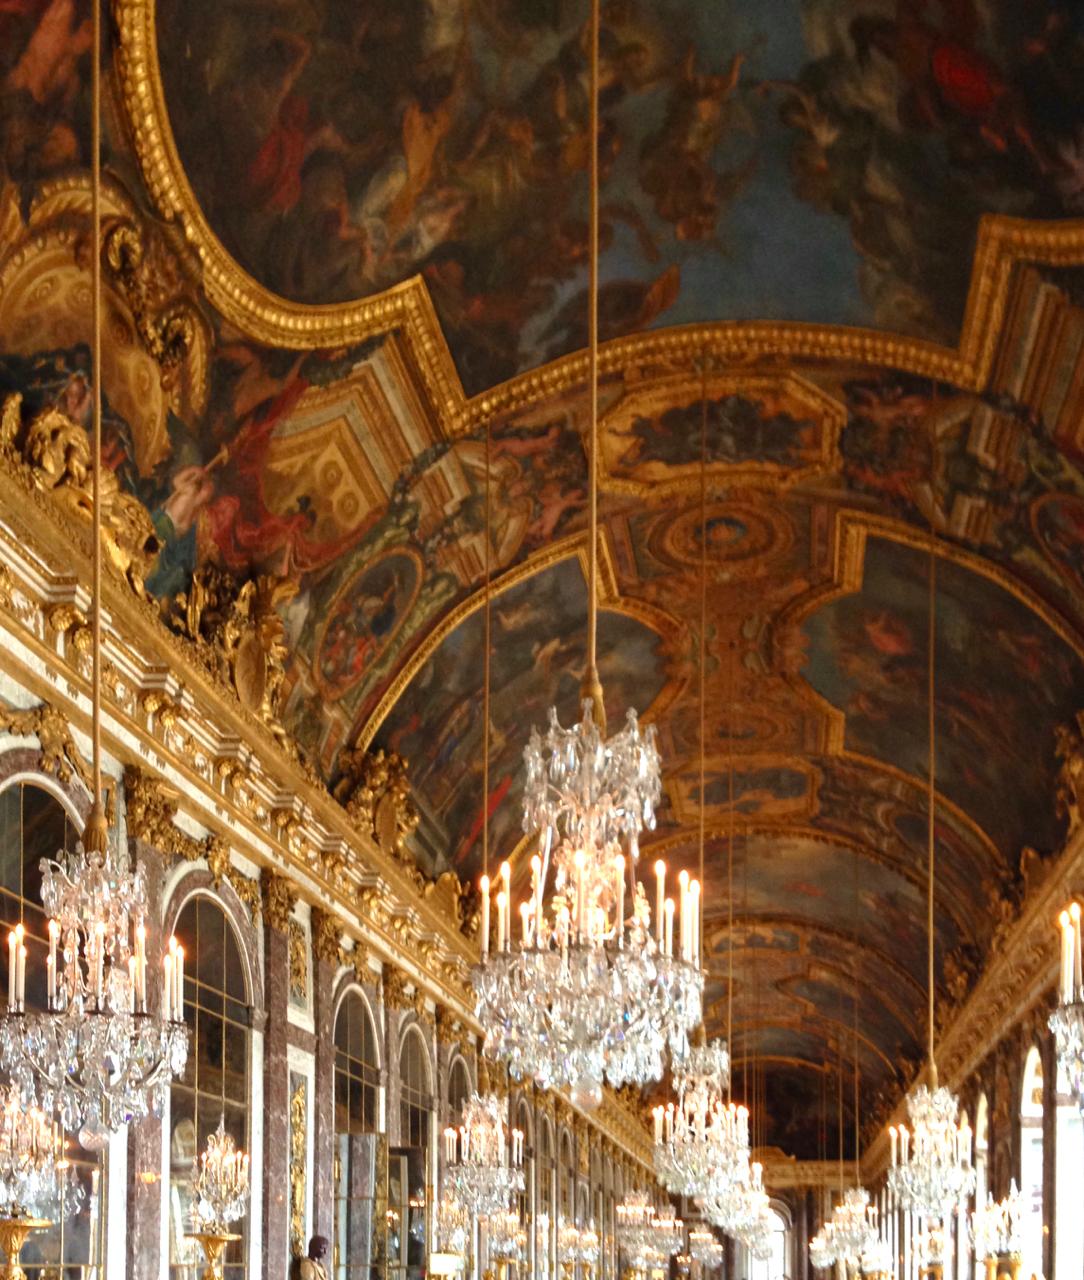 ヴェルサイユ宮殿 絢爛豪華|ミクジ|note